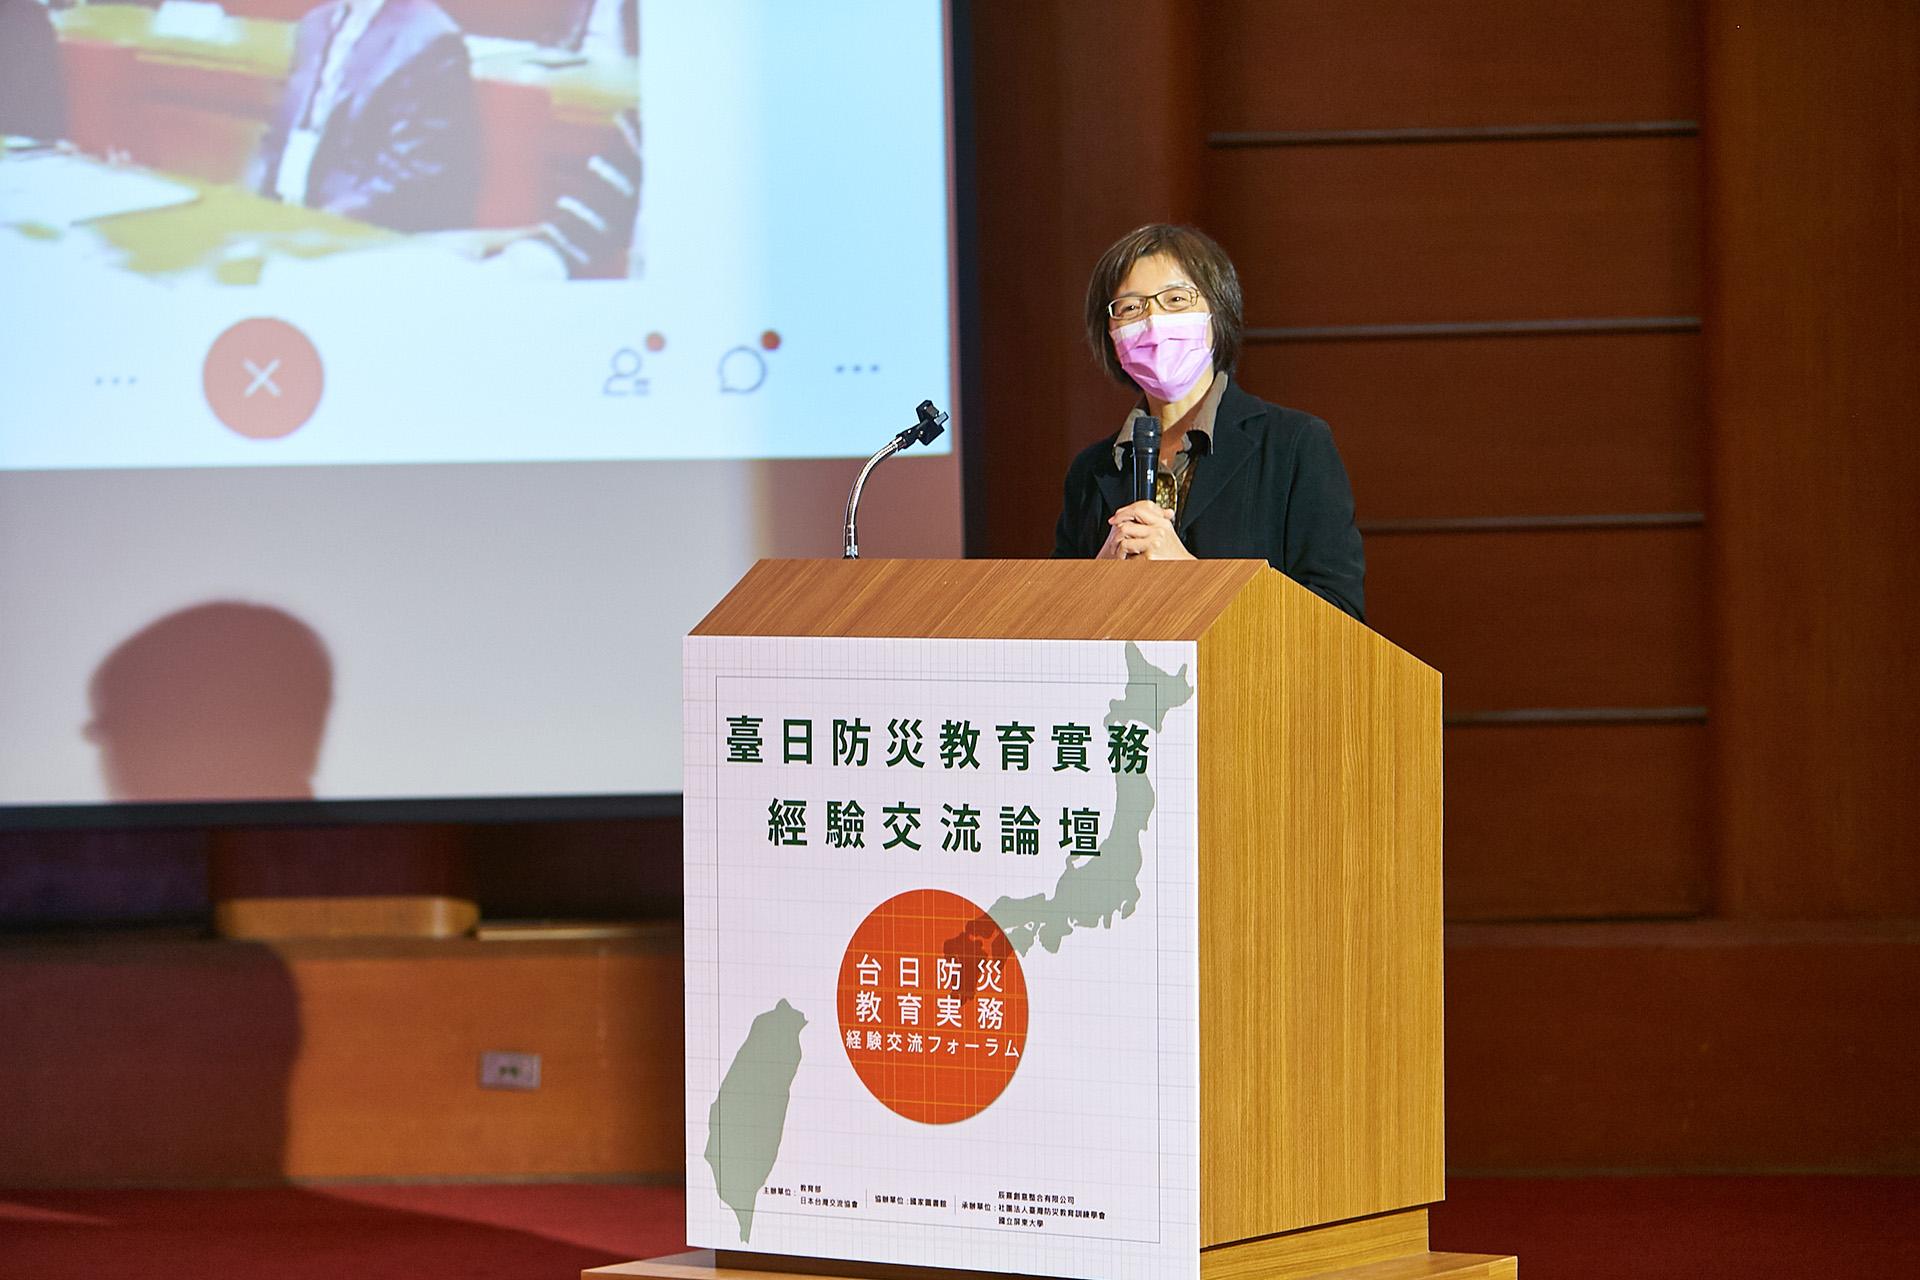 教育部資訊及科技教育司劉文惠副司長致詞